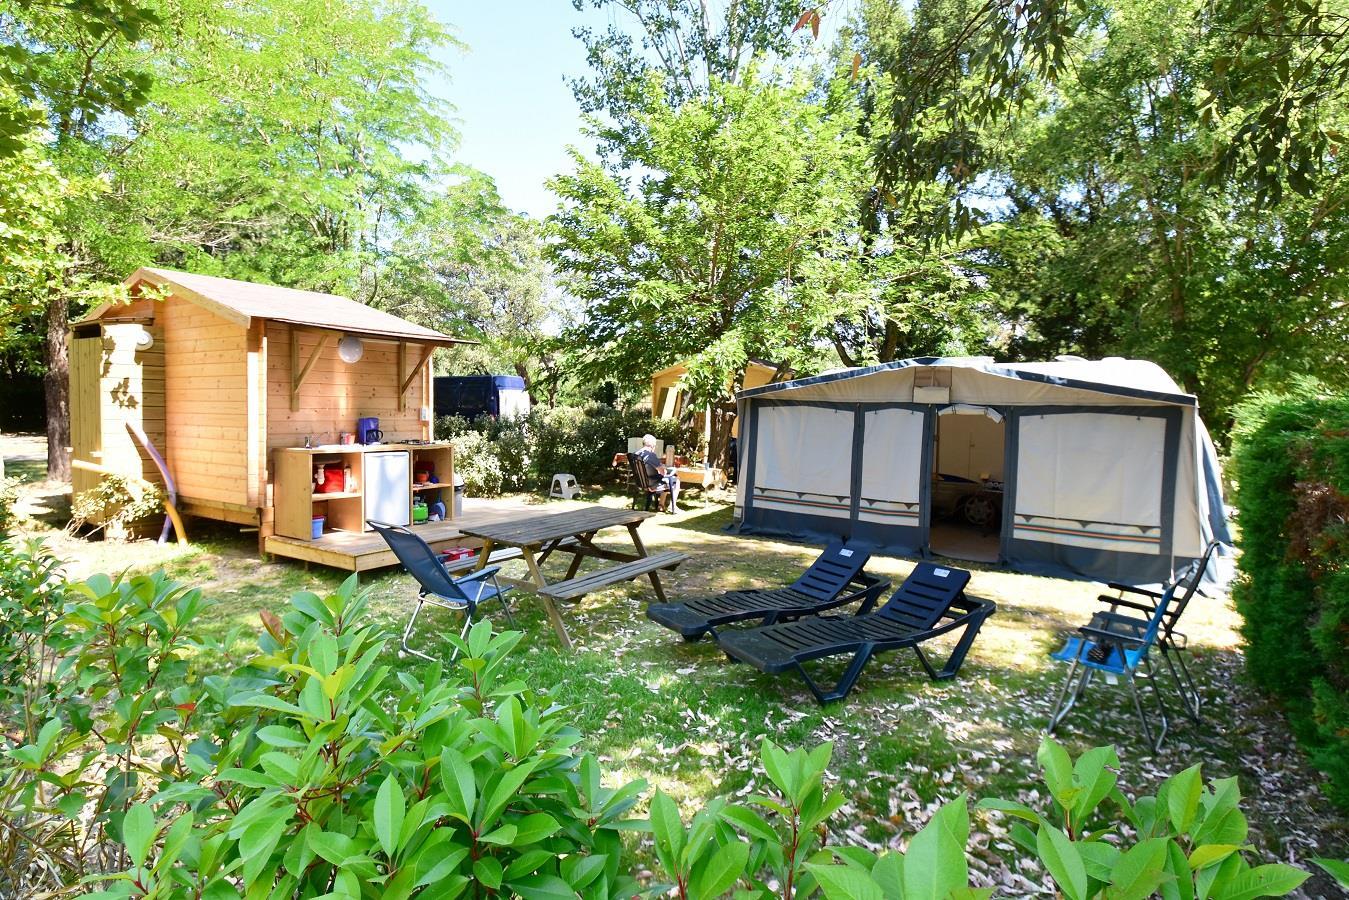 Emplacement - Emplacement Premium Suite Avec Sanitaire Privatif +130M² - Camping Castel Domaine de la Bergerie